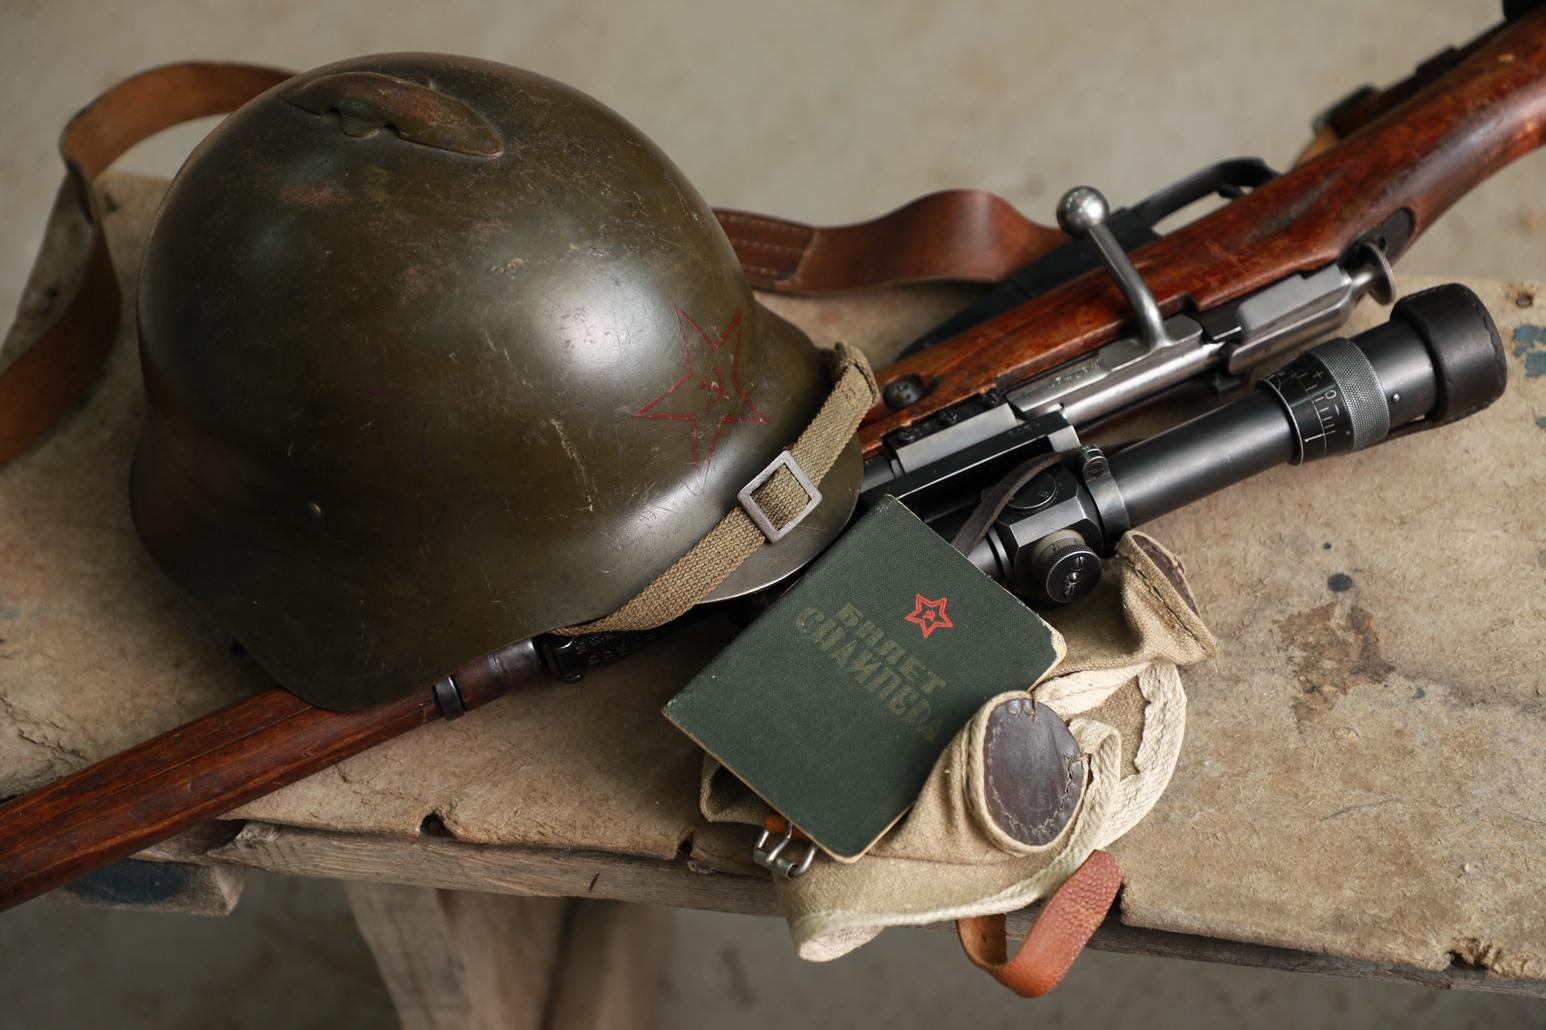 Снайперская винтовка Мосина 1936 года, №134294, кронштейн Смирнского, прицел ПЕ; УНИКАЛЬНО!